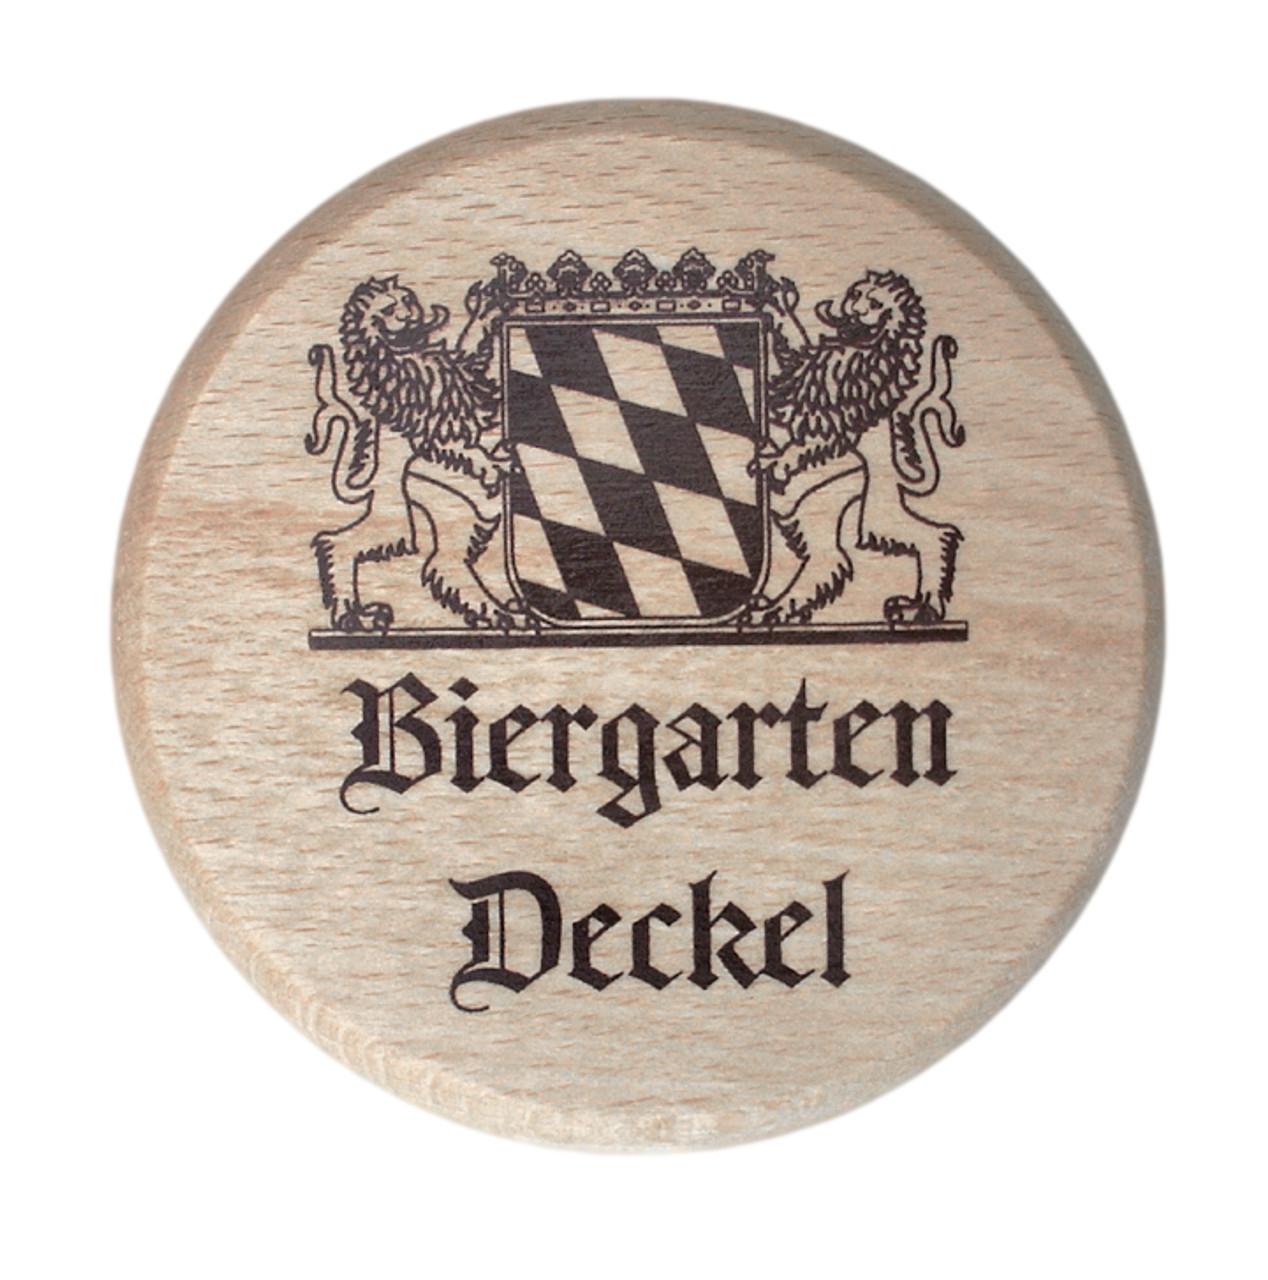 Wooden Beer Mug Cover